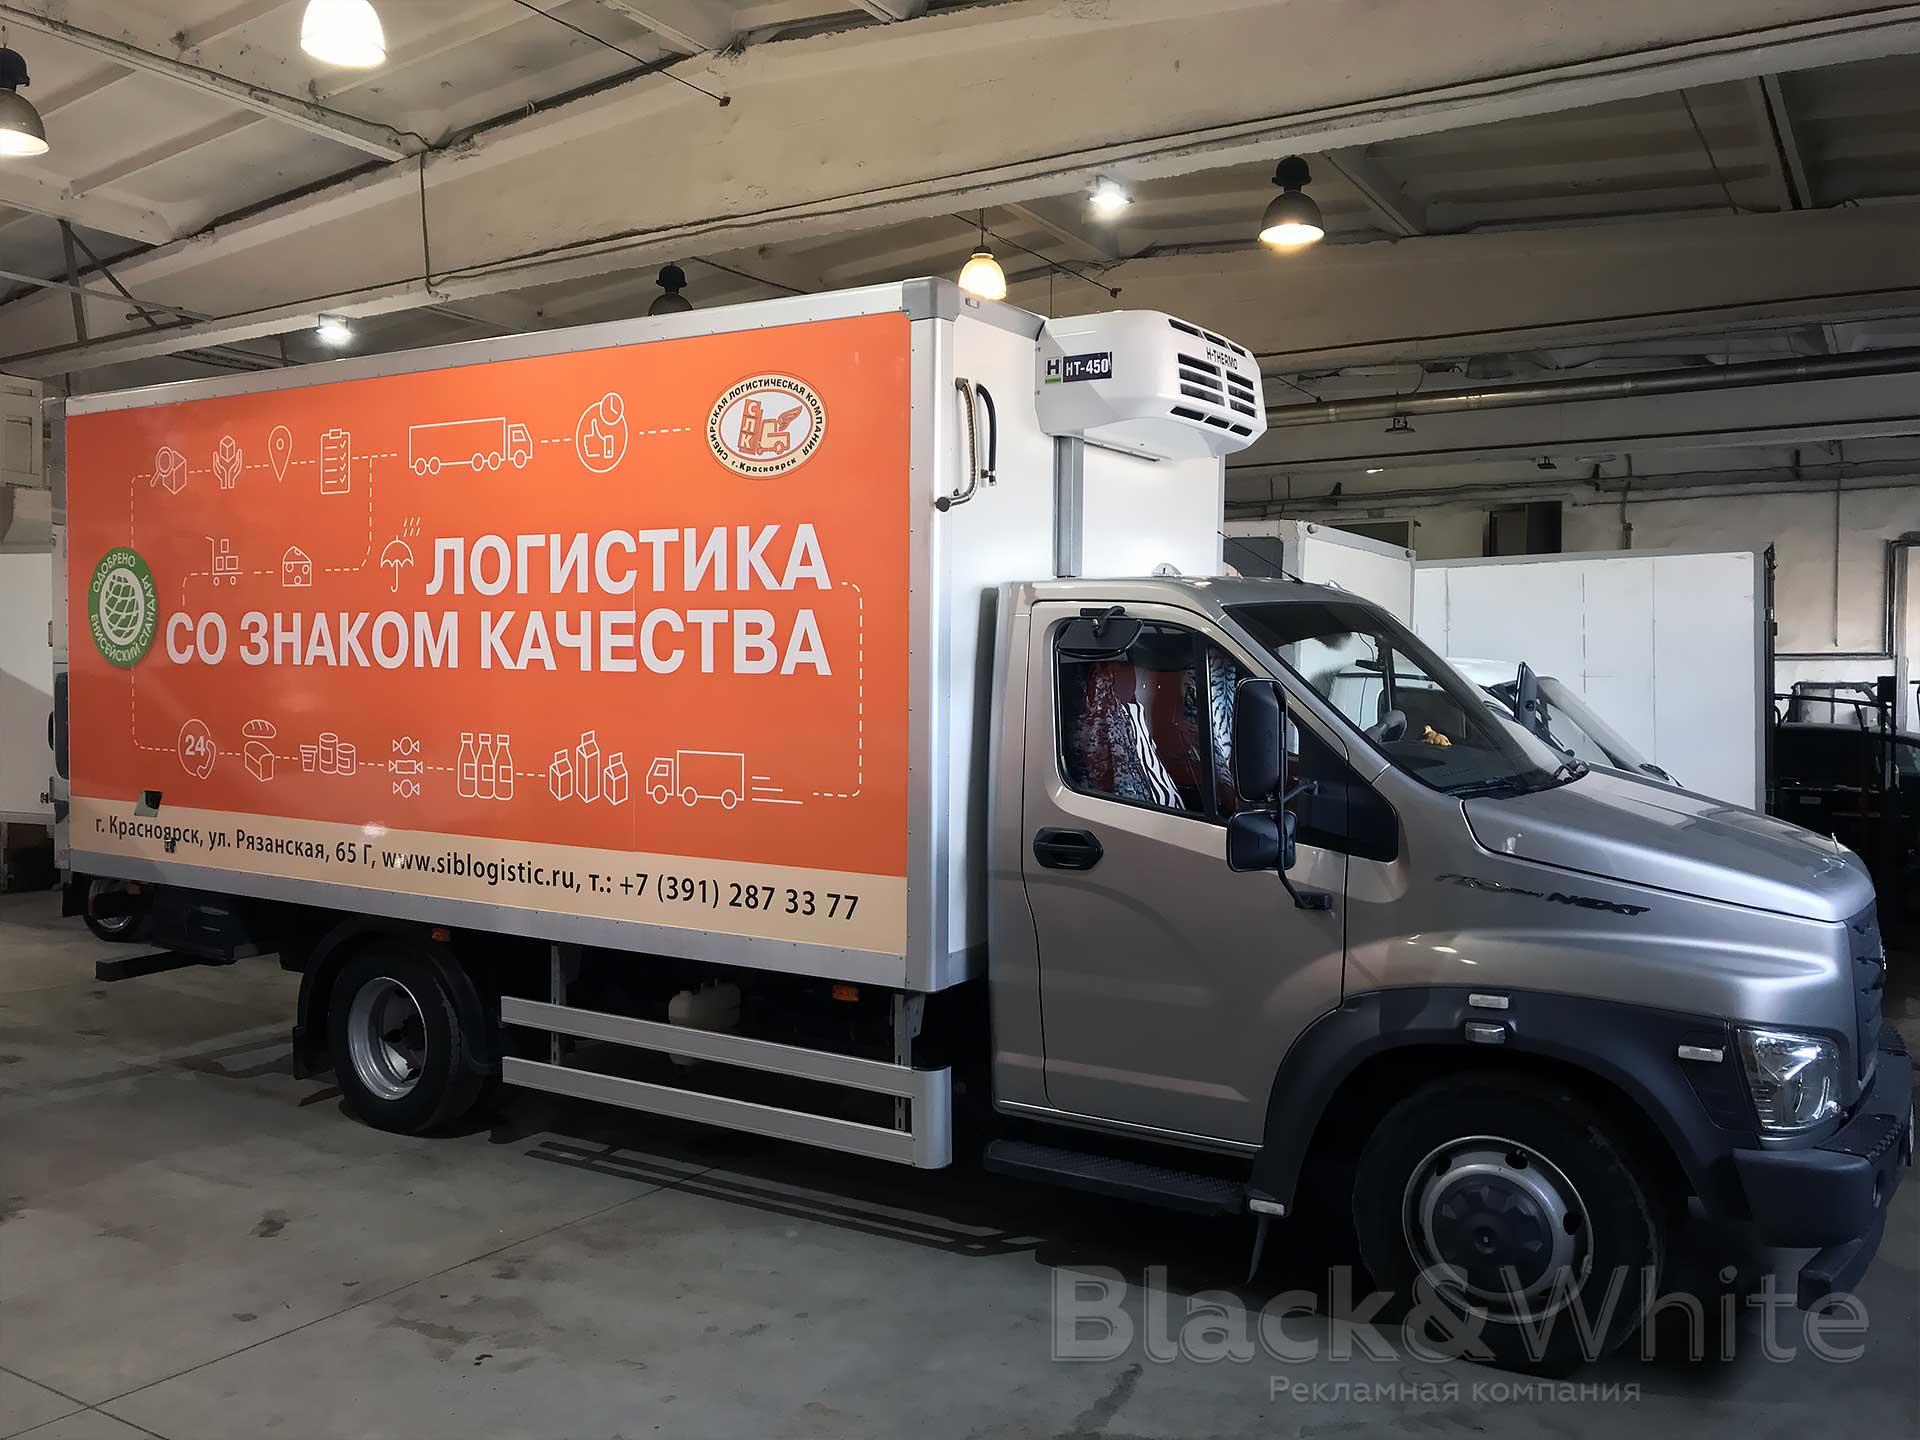 Брендирование-грузовых-автомобилей-виниловой-плёнкой-в-красноярске-Black&White.jpg